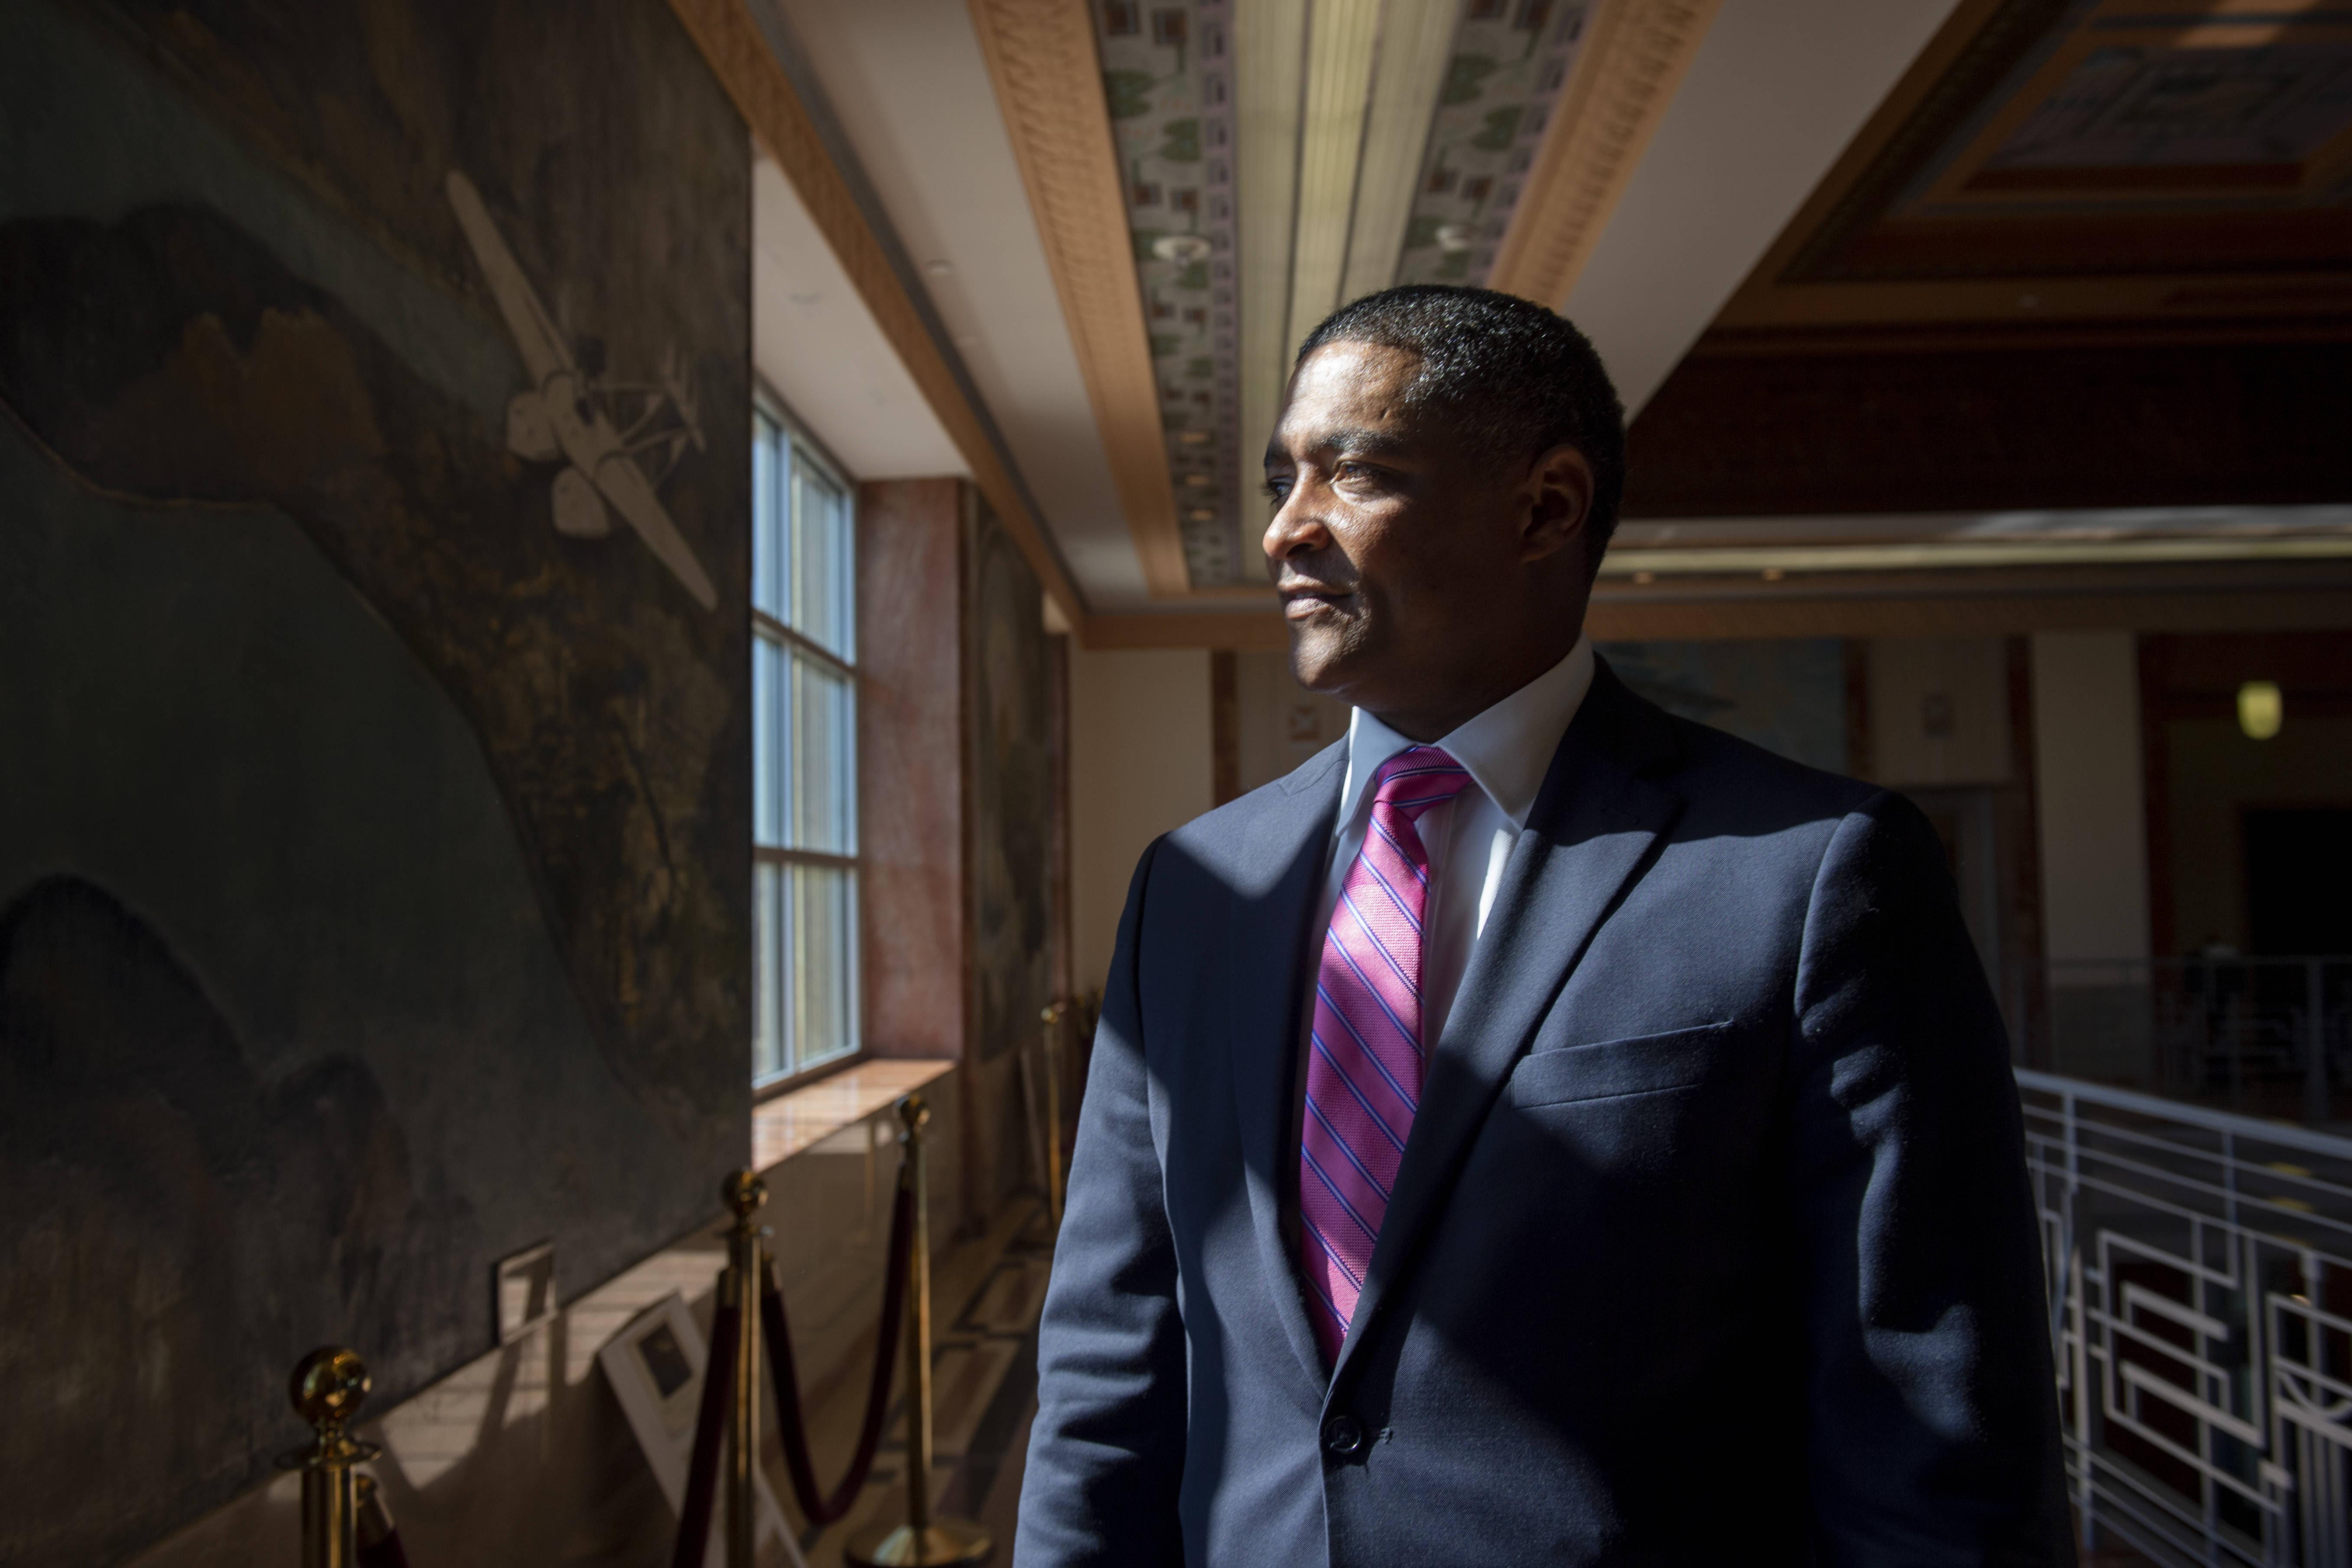 Rep. Cedric L. Richmond (D-La.) (Chris Granger/The Times-Picayune/The New Orleans Advocate via AP)